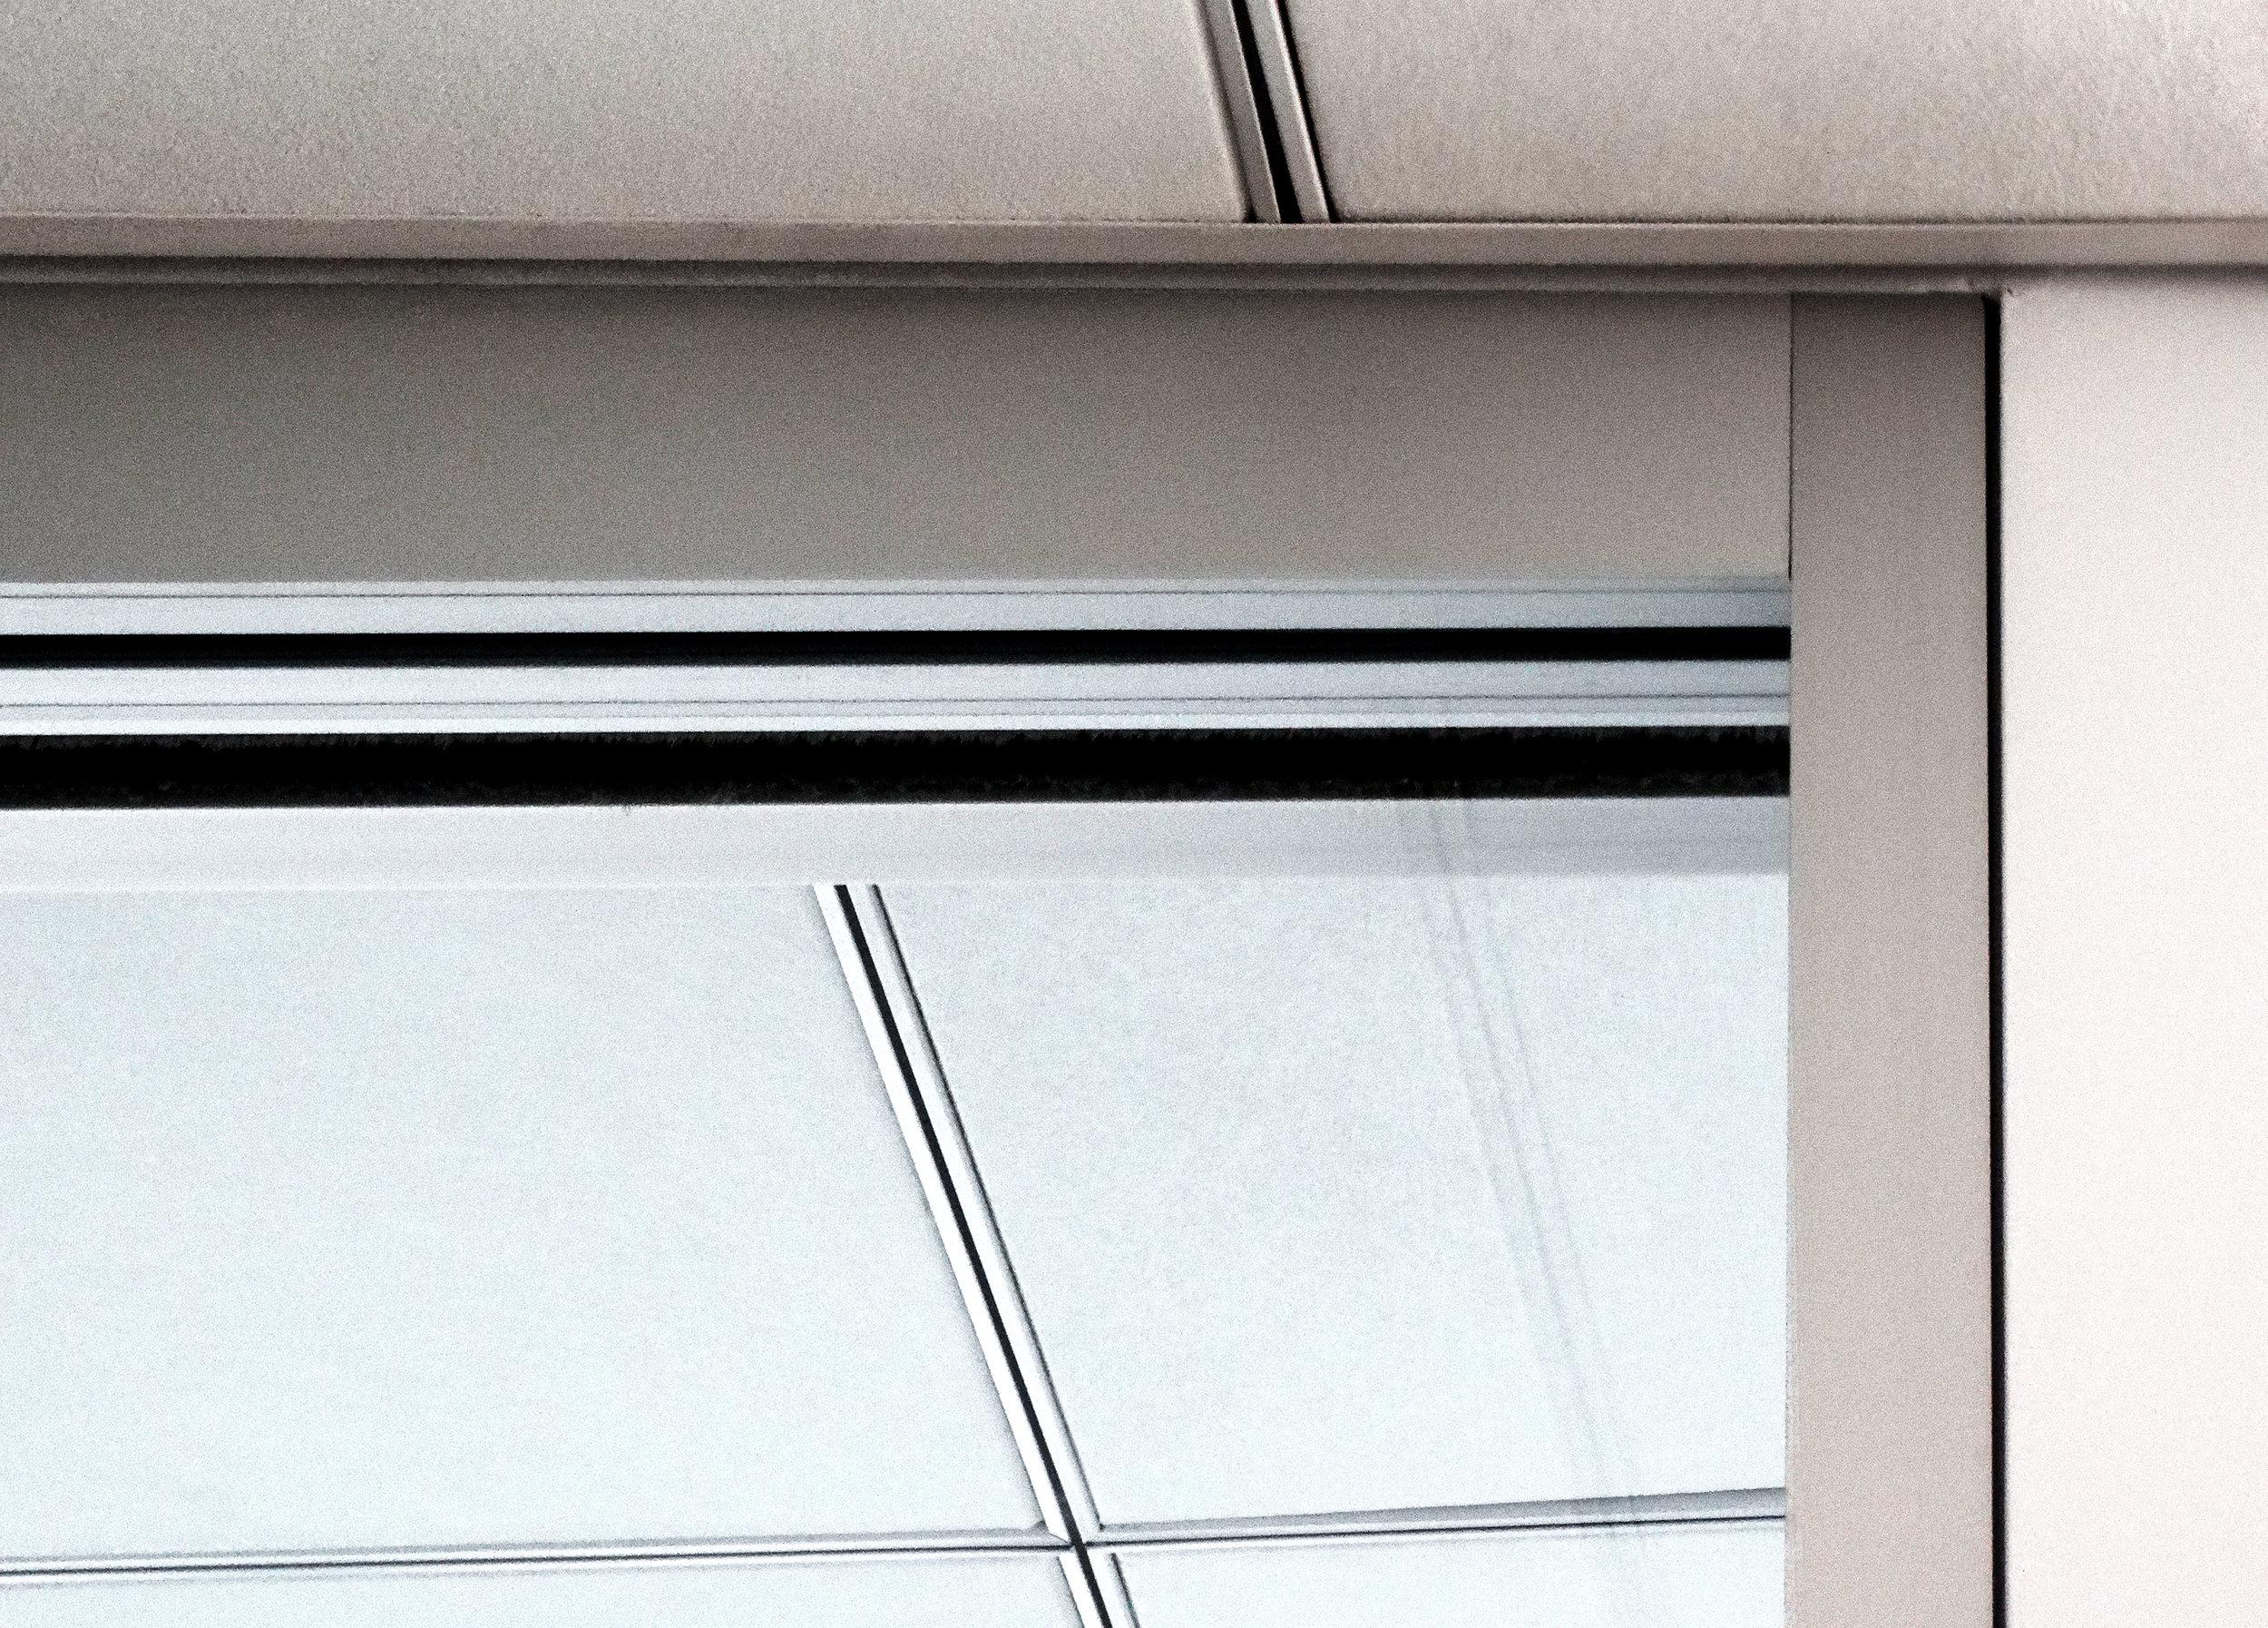 Litespace Corner Detail Aluminum Framed Glass - Spaceworks AI.jpg